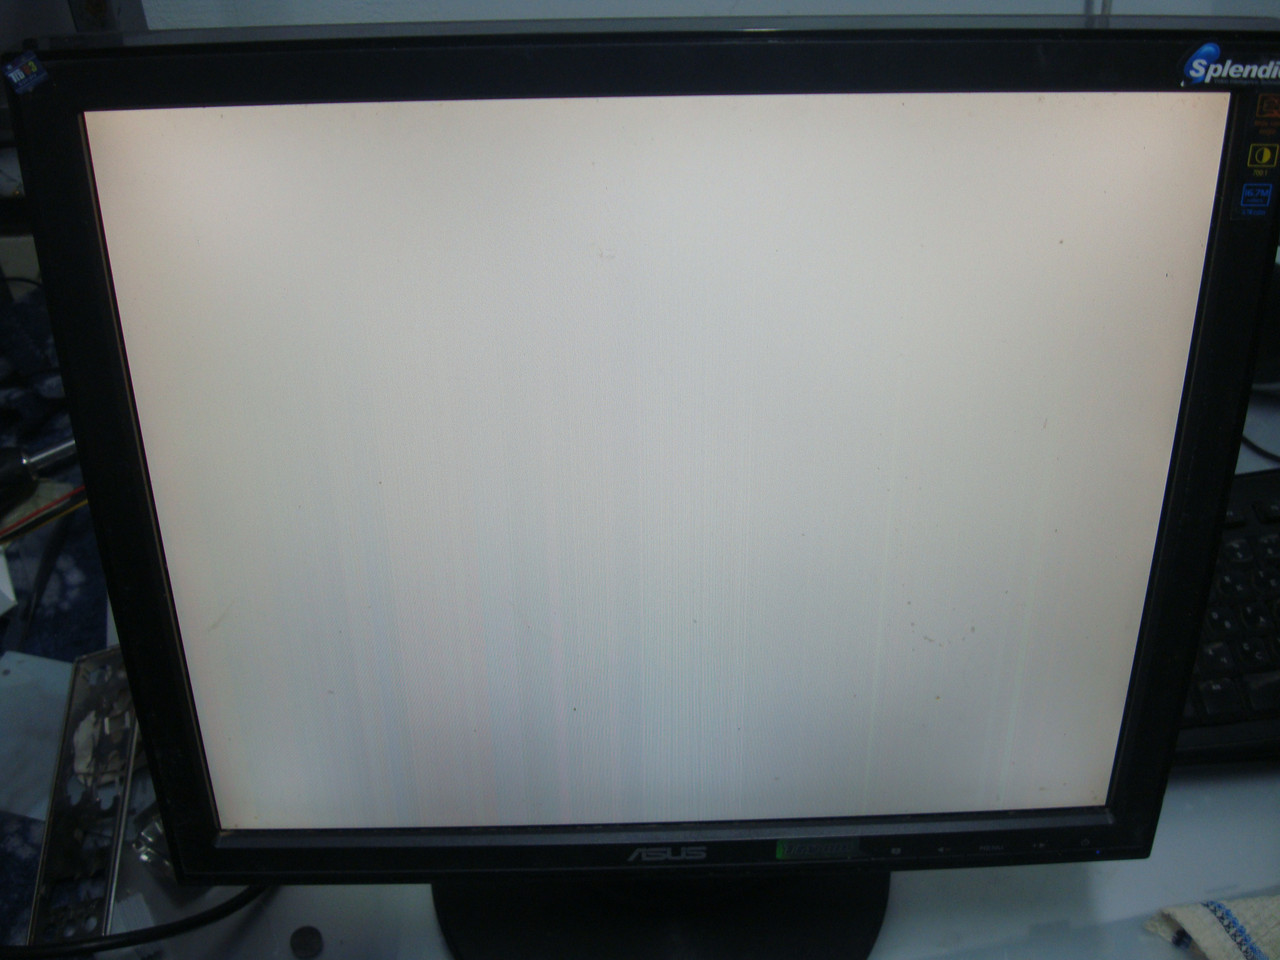 Монитор Asus VB171D дефект изображения